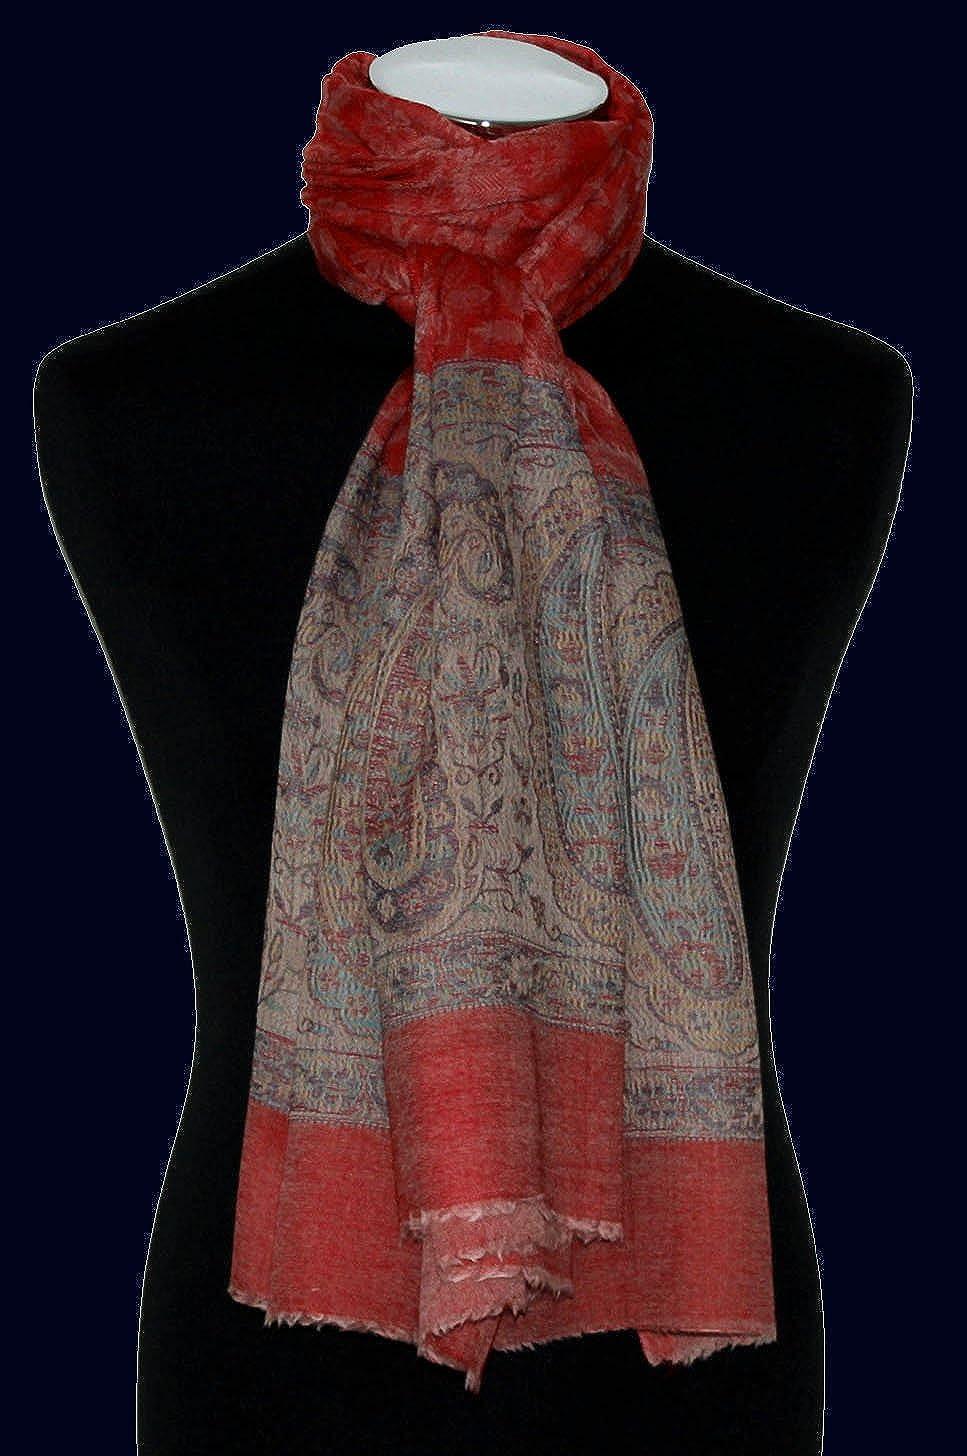 Schaltuch Kaschmirtuch Kaschmirpashmina 78363 70 cm x 200 cm jacquard gewebter Paisleymuster Schal Rot Lorenzo Cana Luxus Pashmina Damen Kaschmirschal 100/% Kaschmir